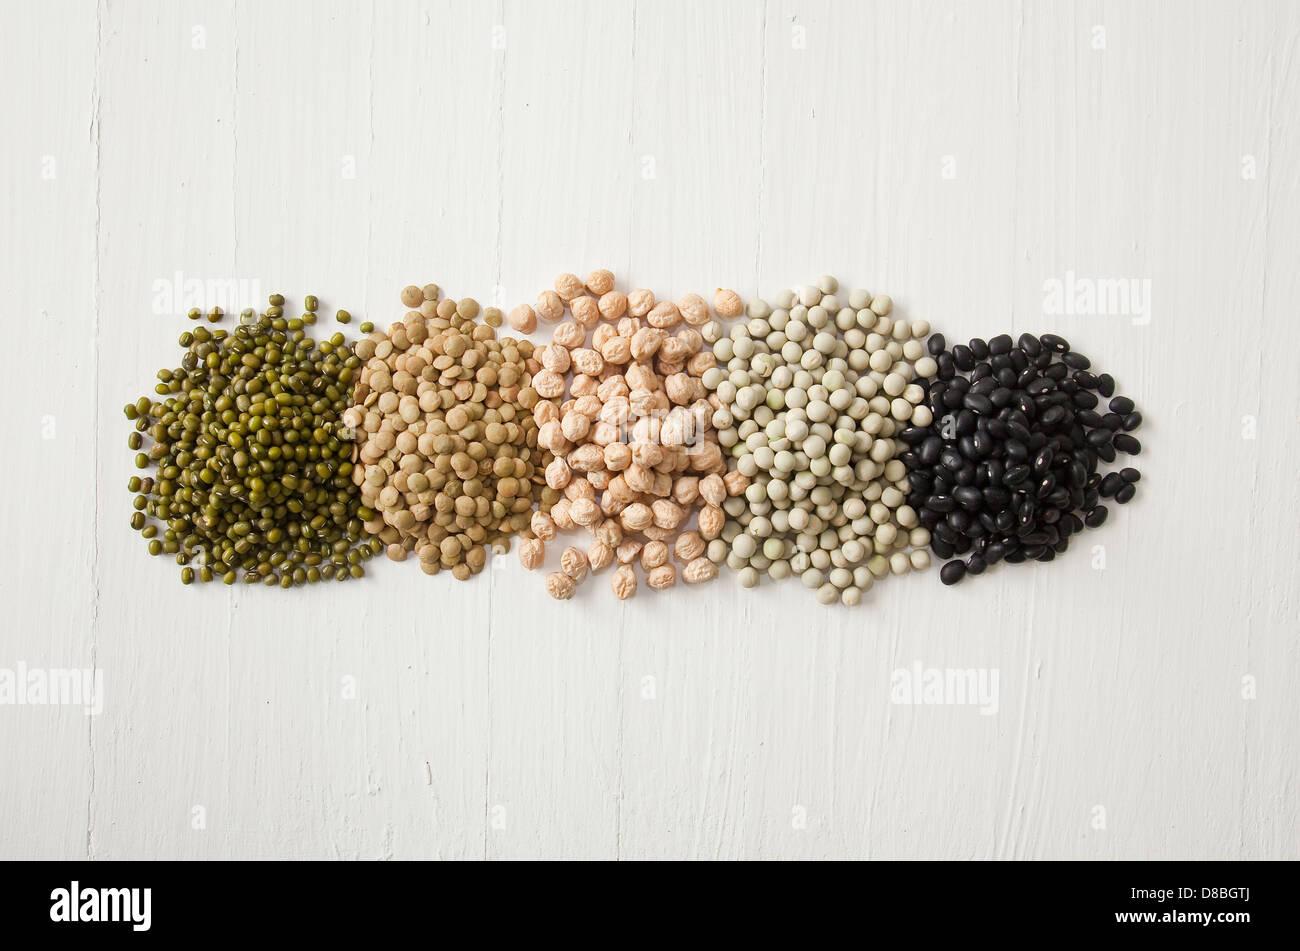 Montones de guisantes, habas, lentejas, coles y leguminosas en una línea sobre una superficie de madera rústica. Imagen De Stock